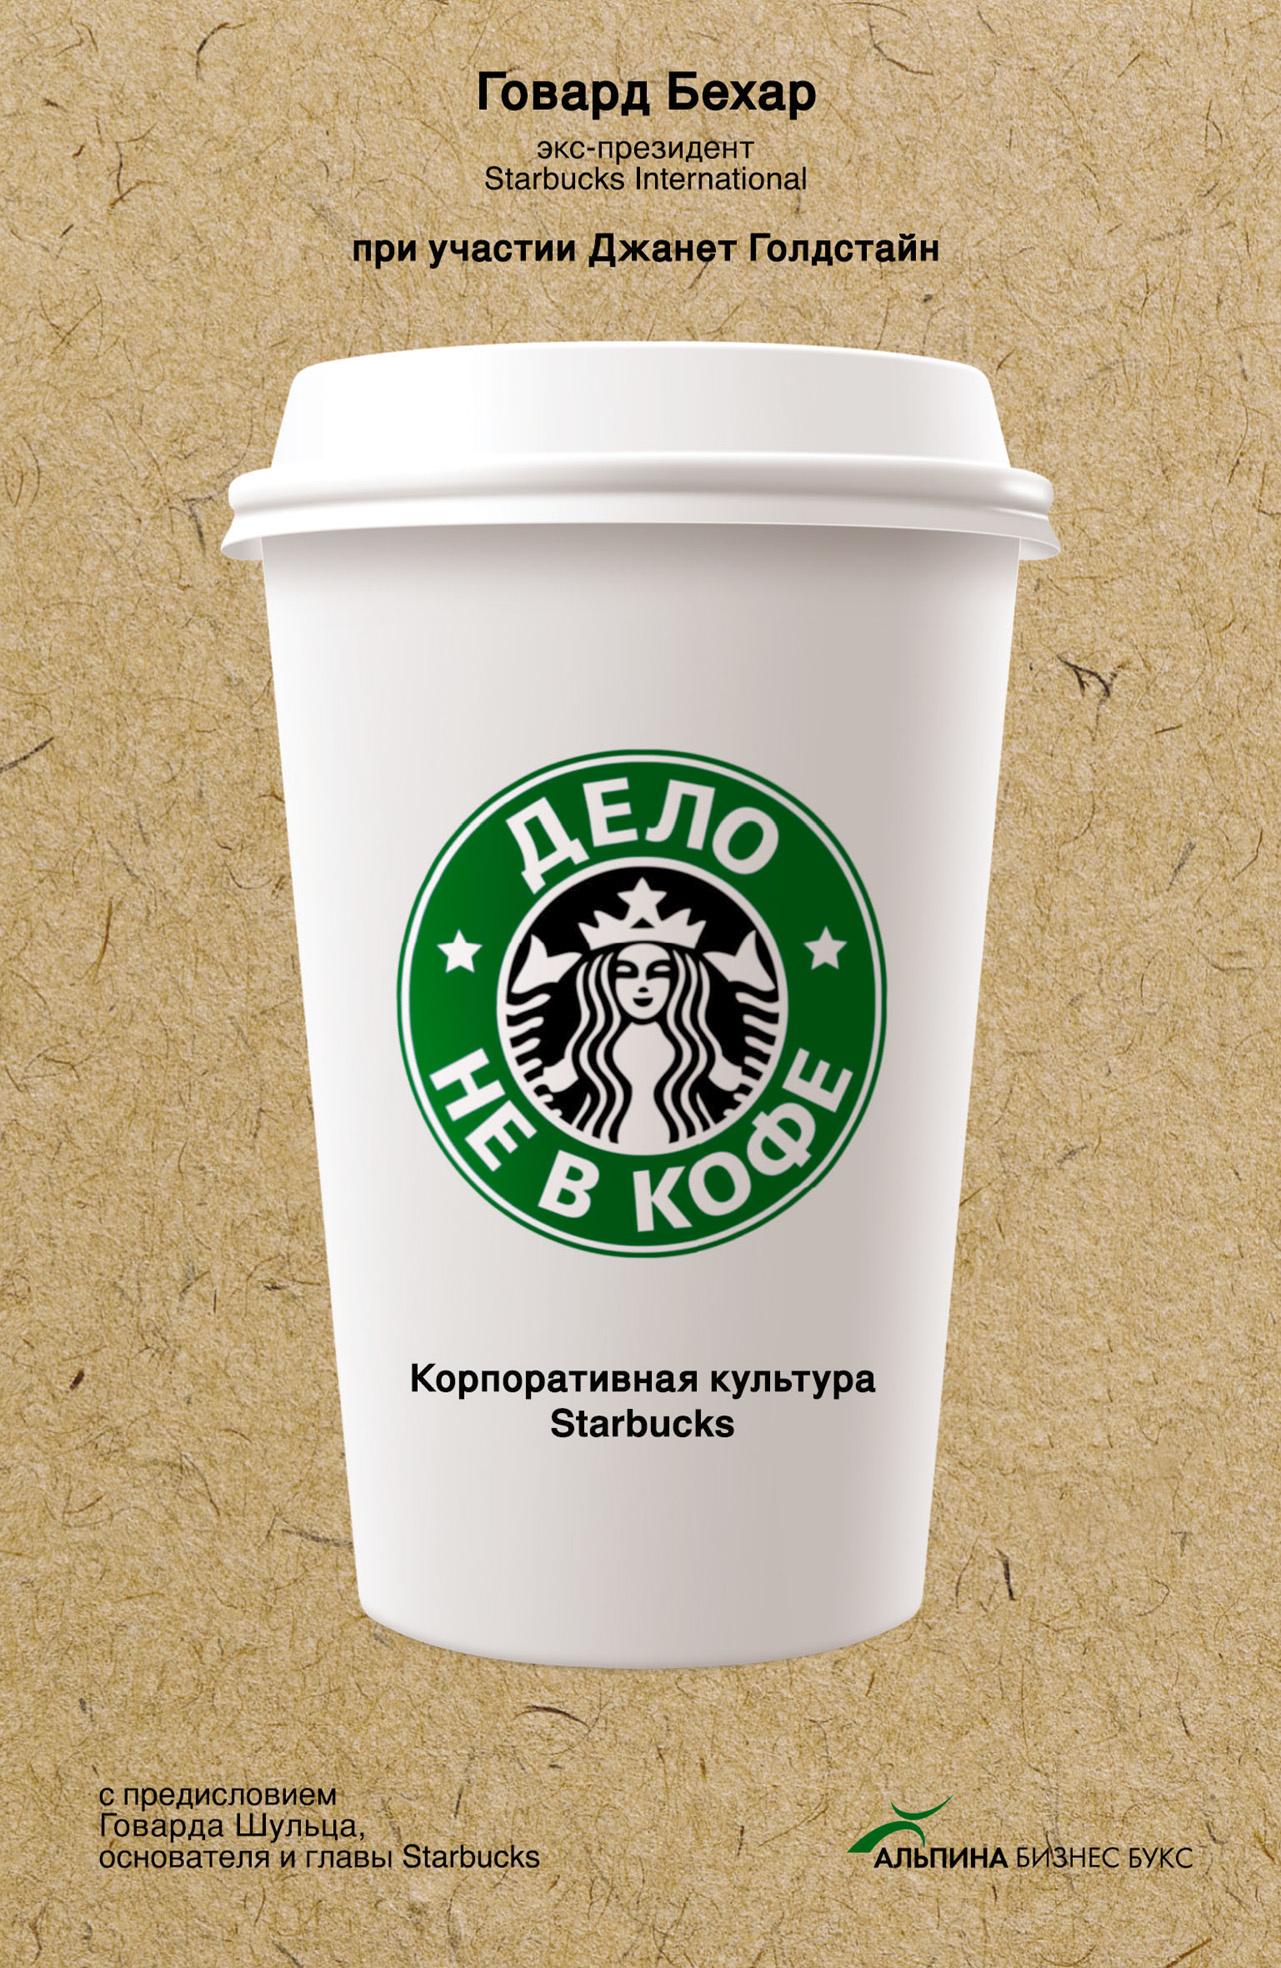 Дело не в кофе. Корпоративная культура Starbucks